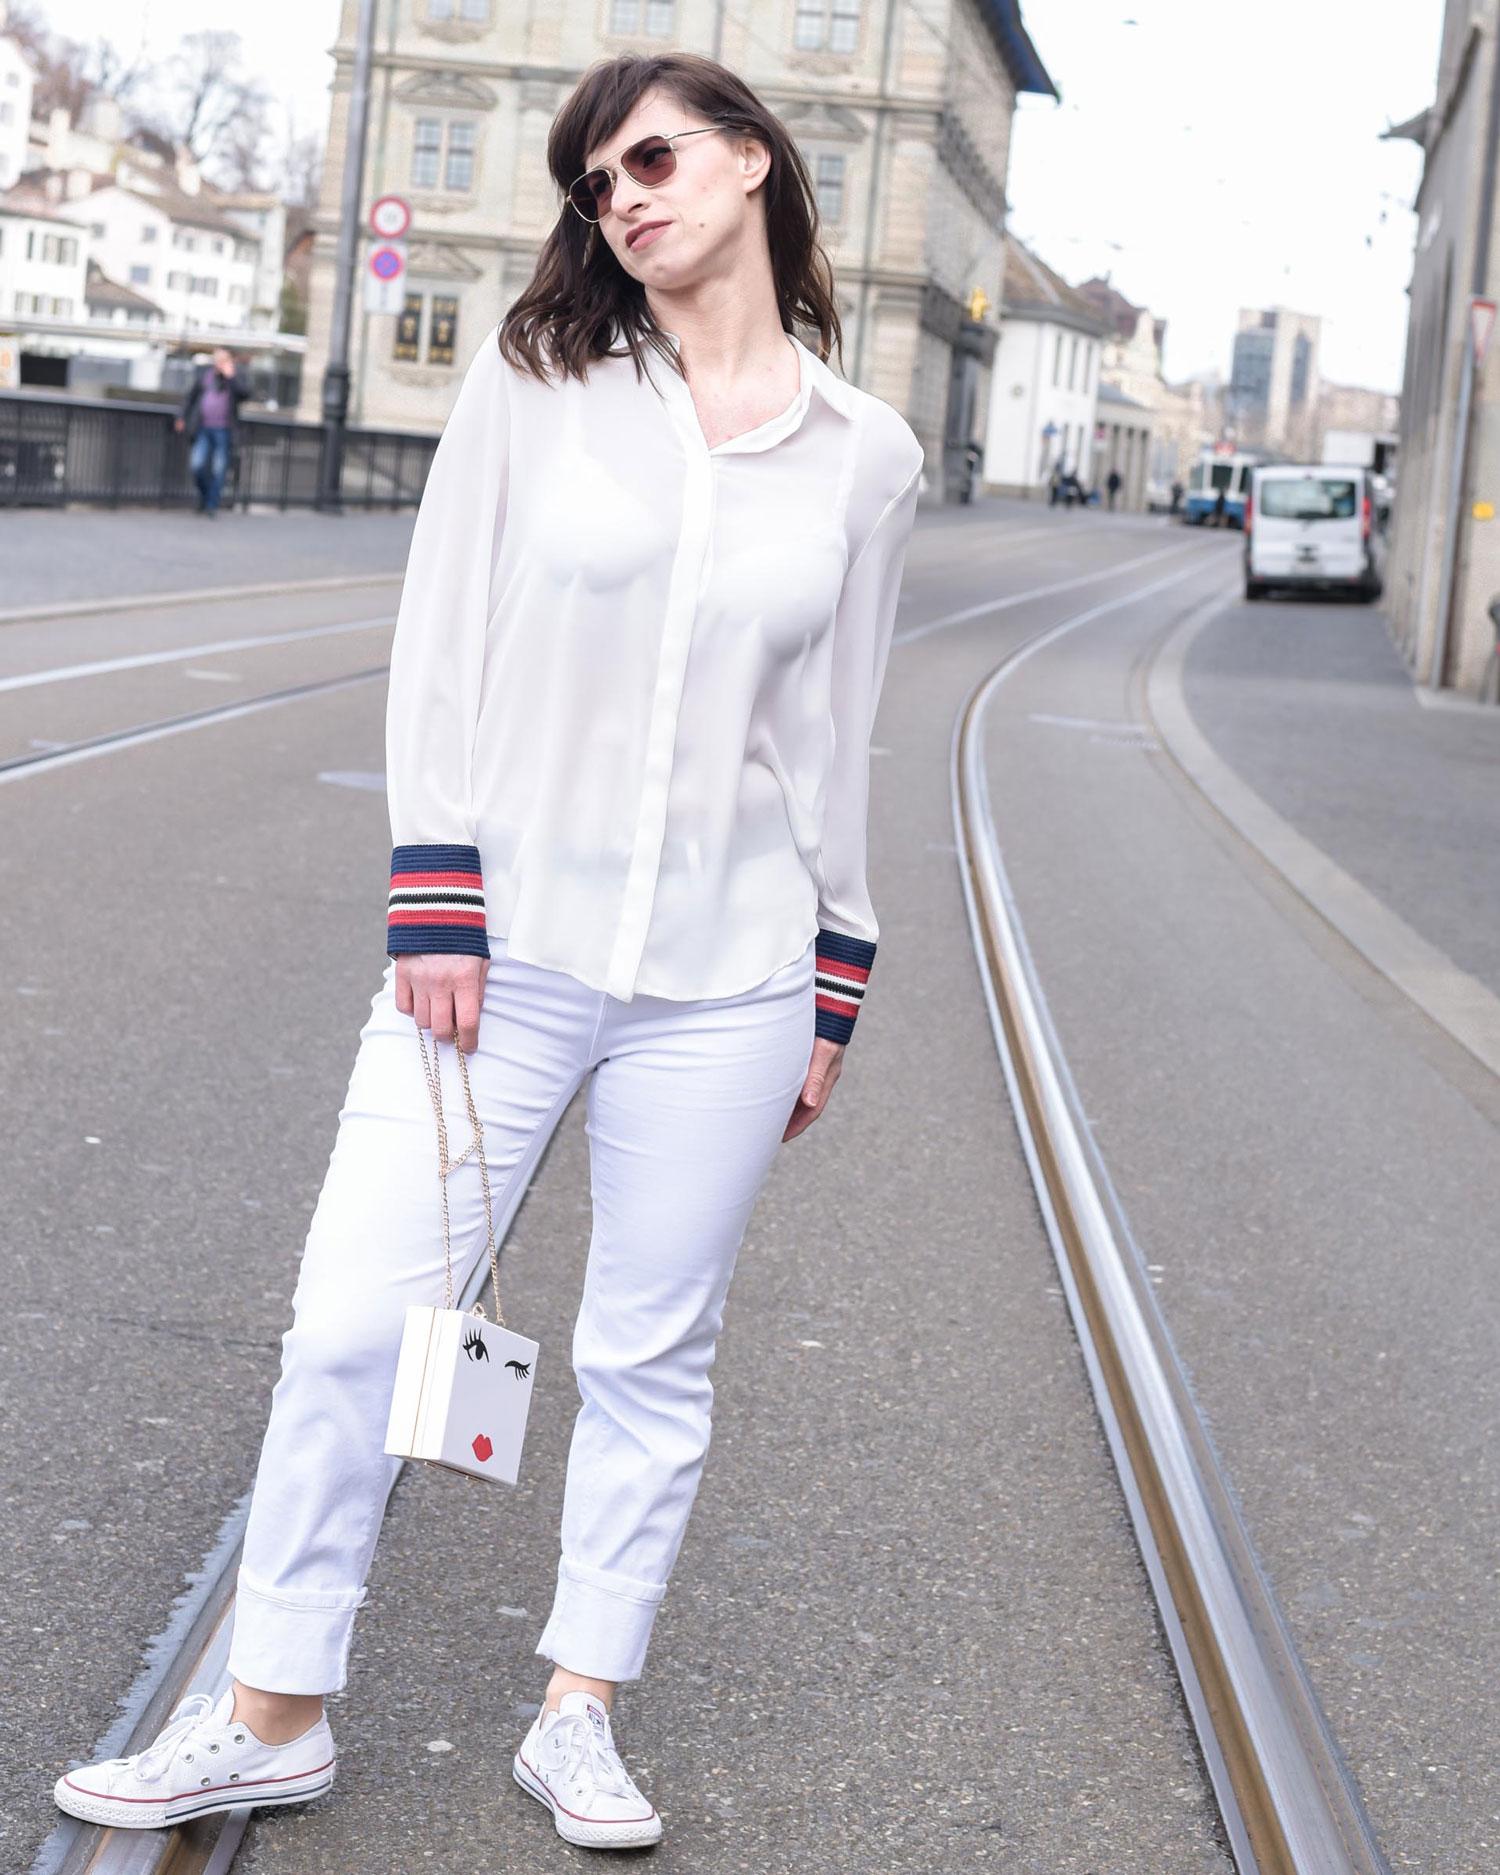 Erwartungsdruck: weisse Jeans von Zara, Sneakers von Convers Chucks all stars, Seidenbluse von Zara, Tasche von NafNaf